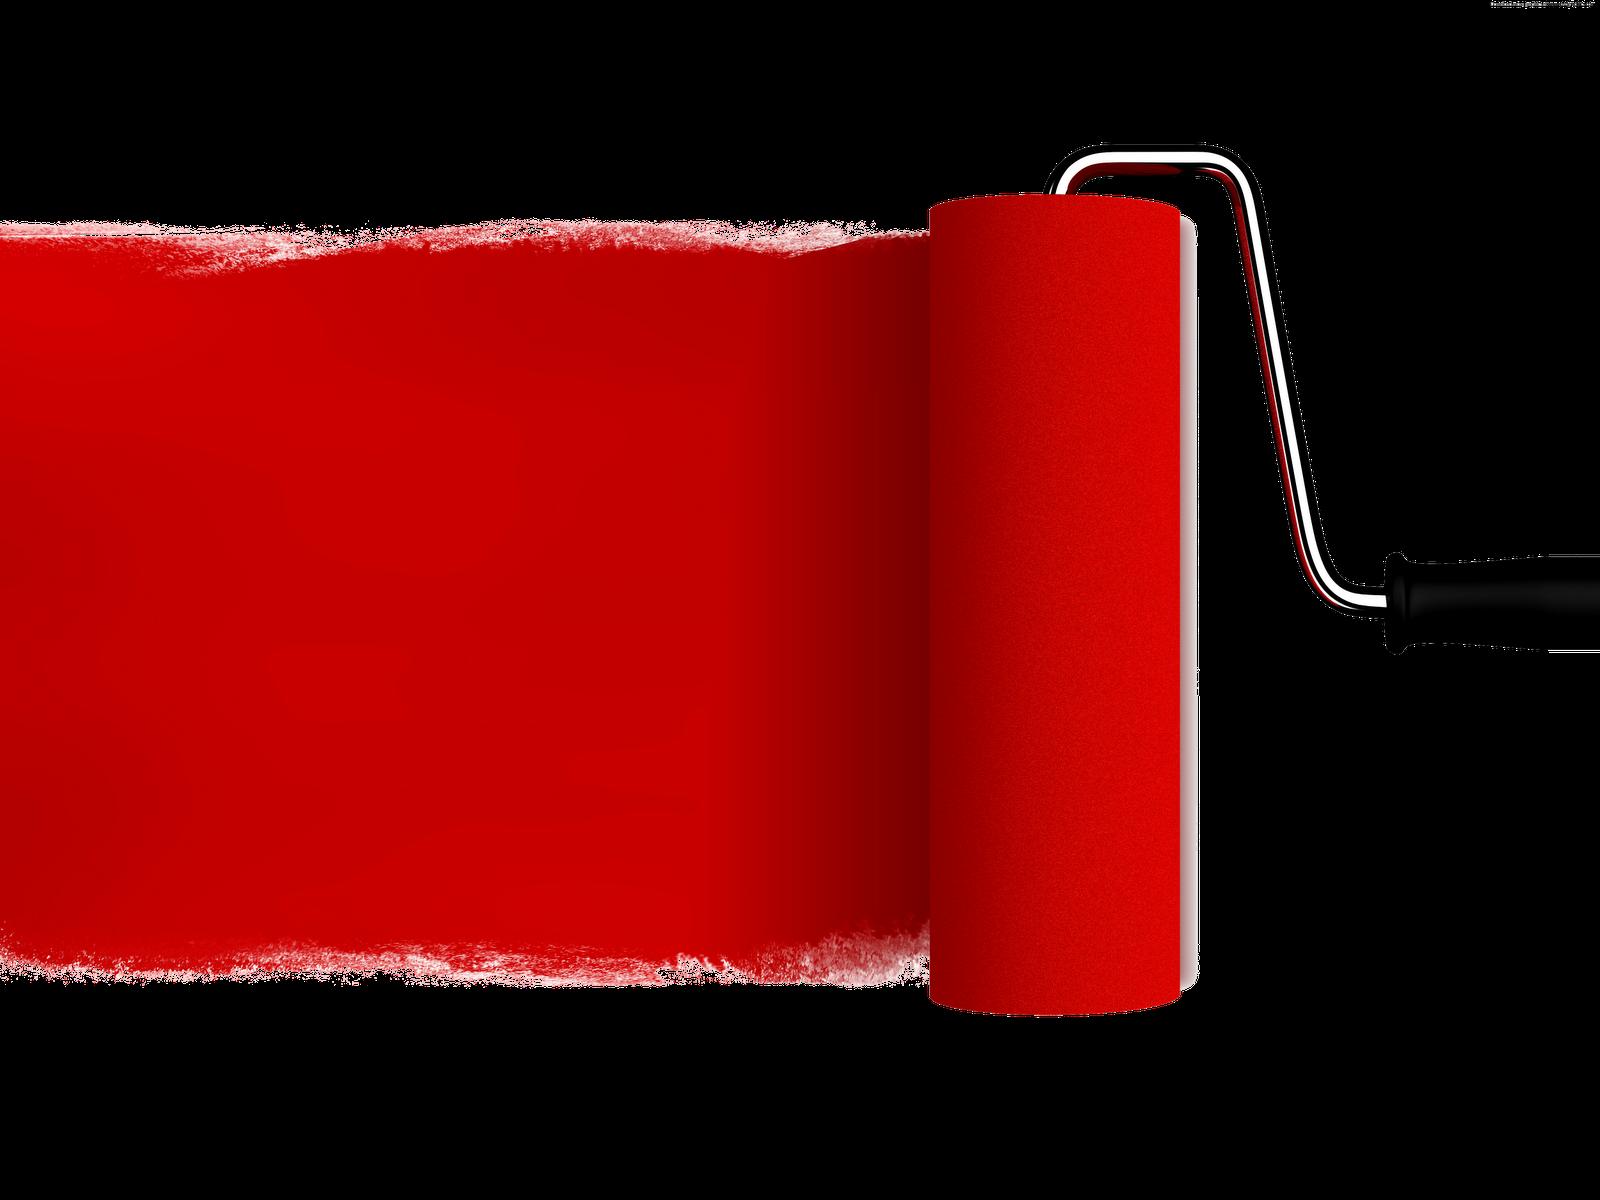 rolo de pintar png quero imagem vector paint brush clip art vector paint brush color